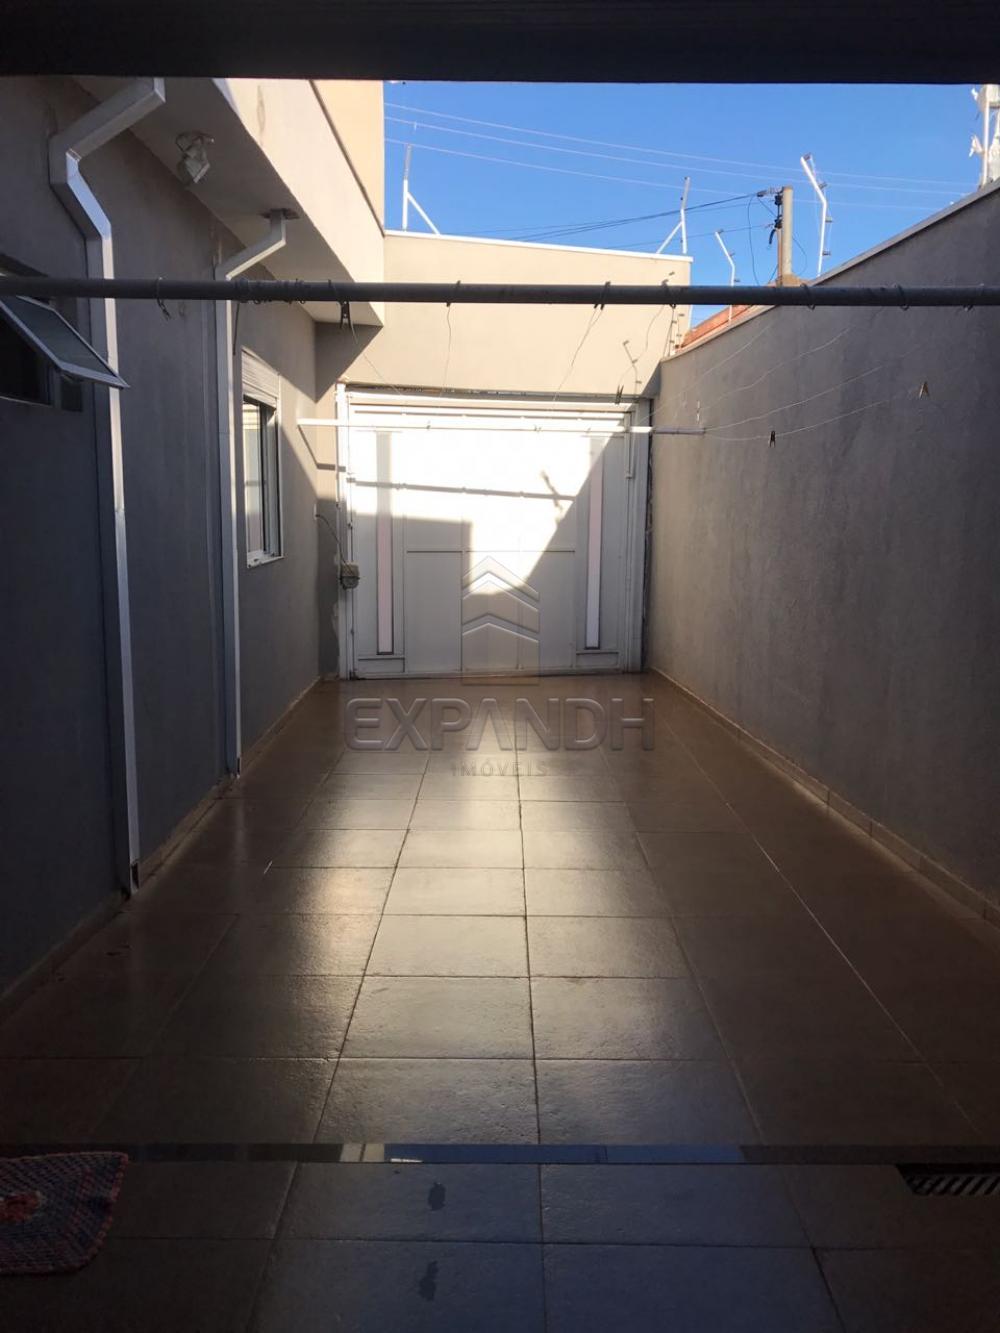 Comprar Casas / Padrão em Sertãozinho R$ 390.000,00 - Foto 27